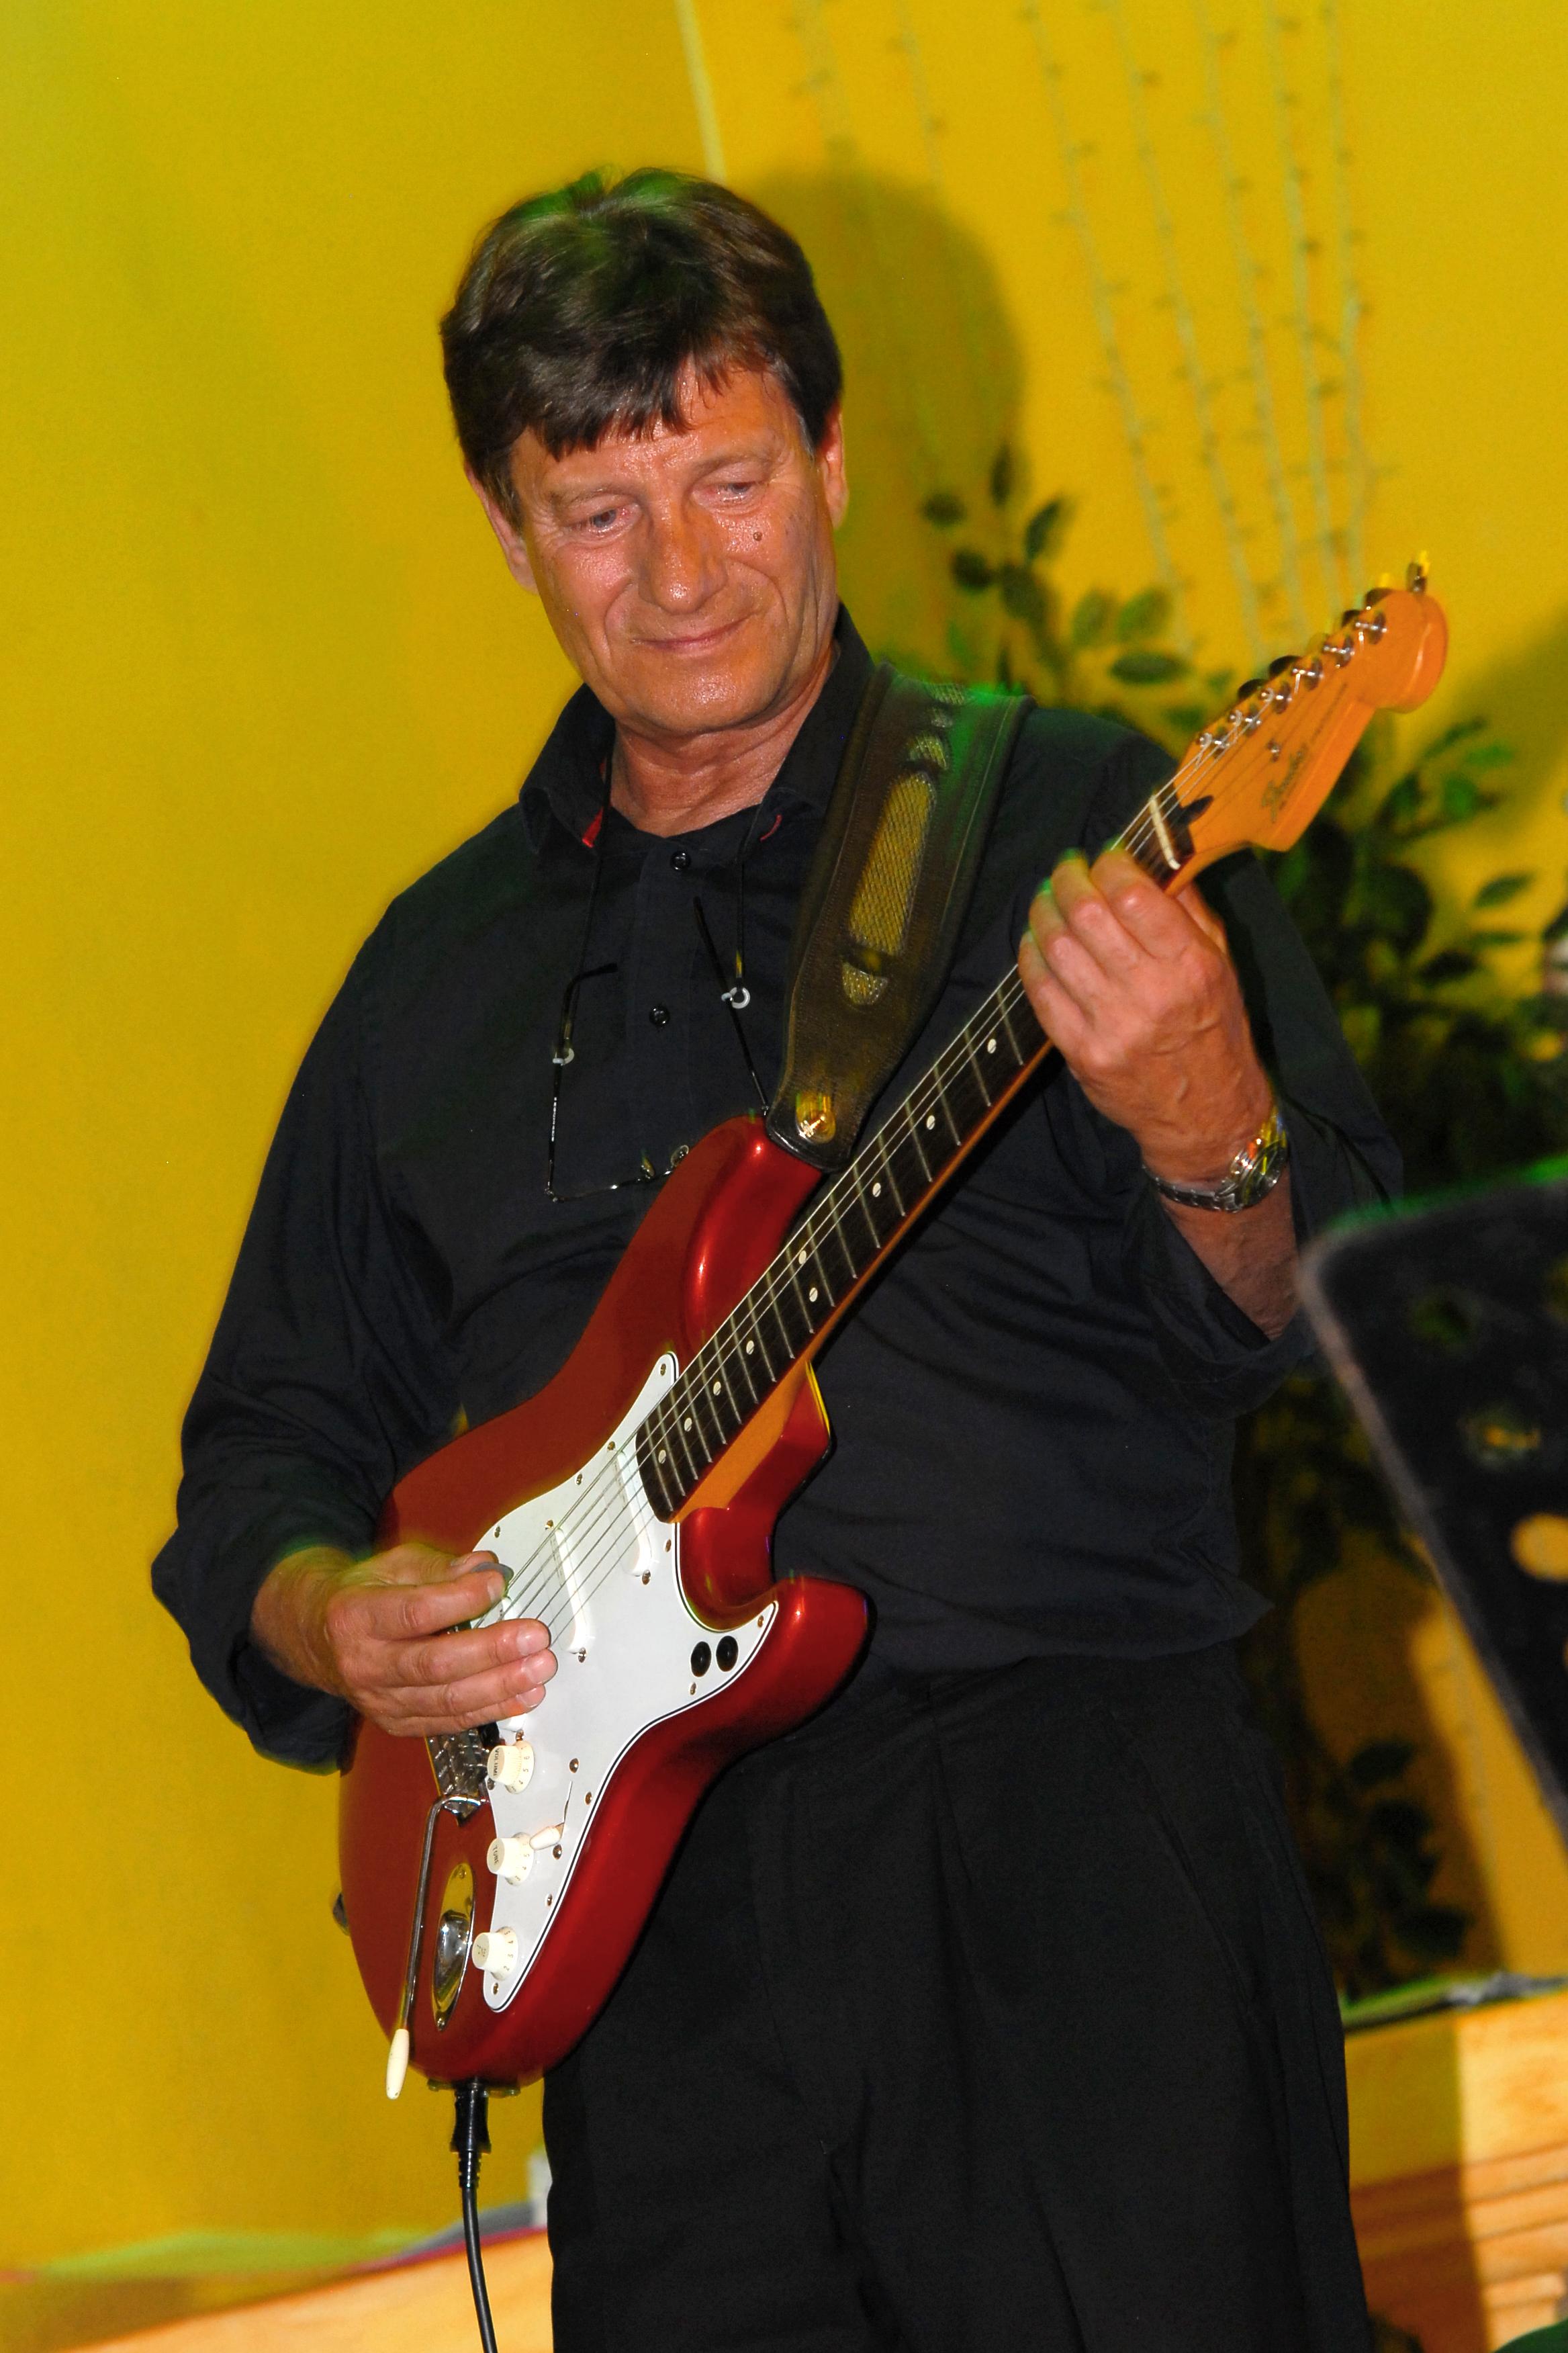 Georg Liebecke